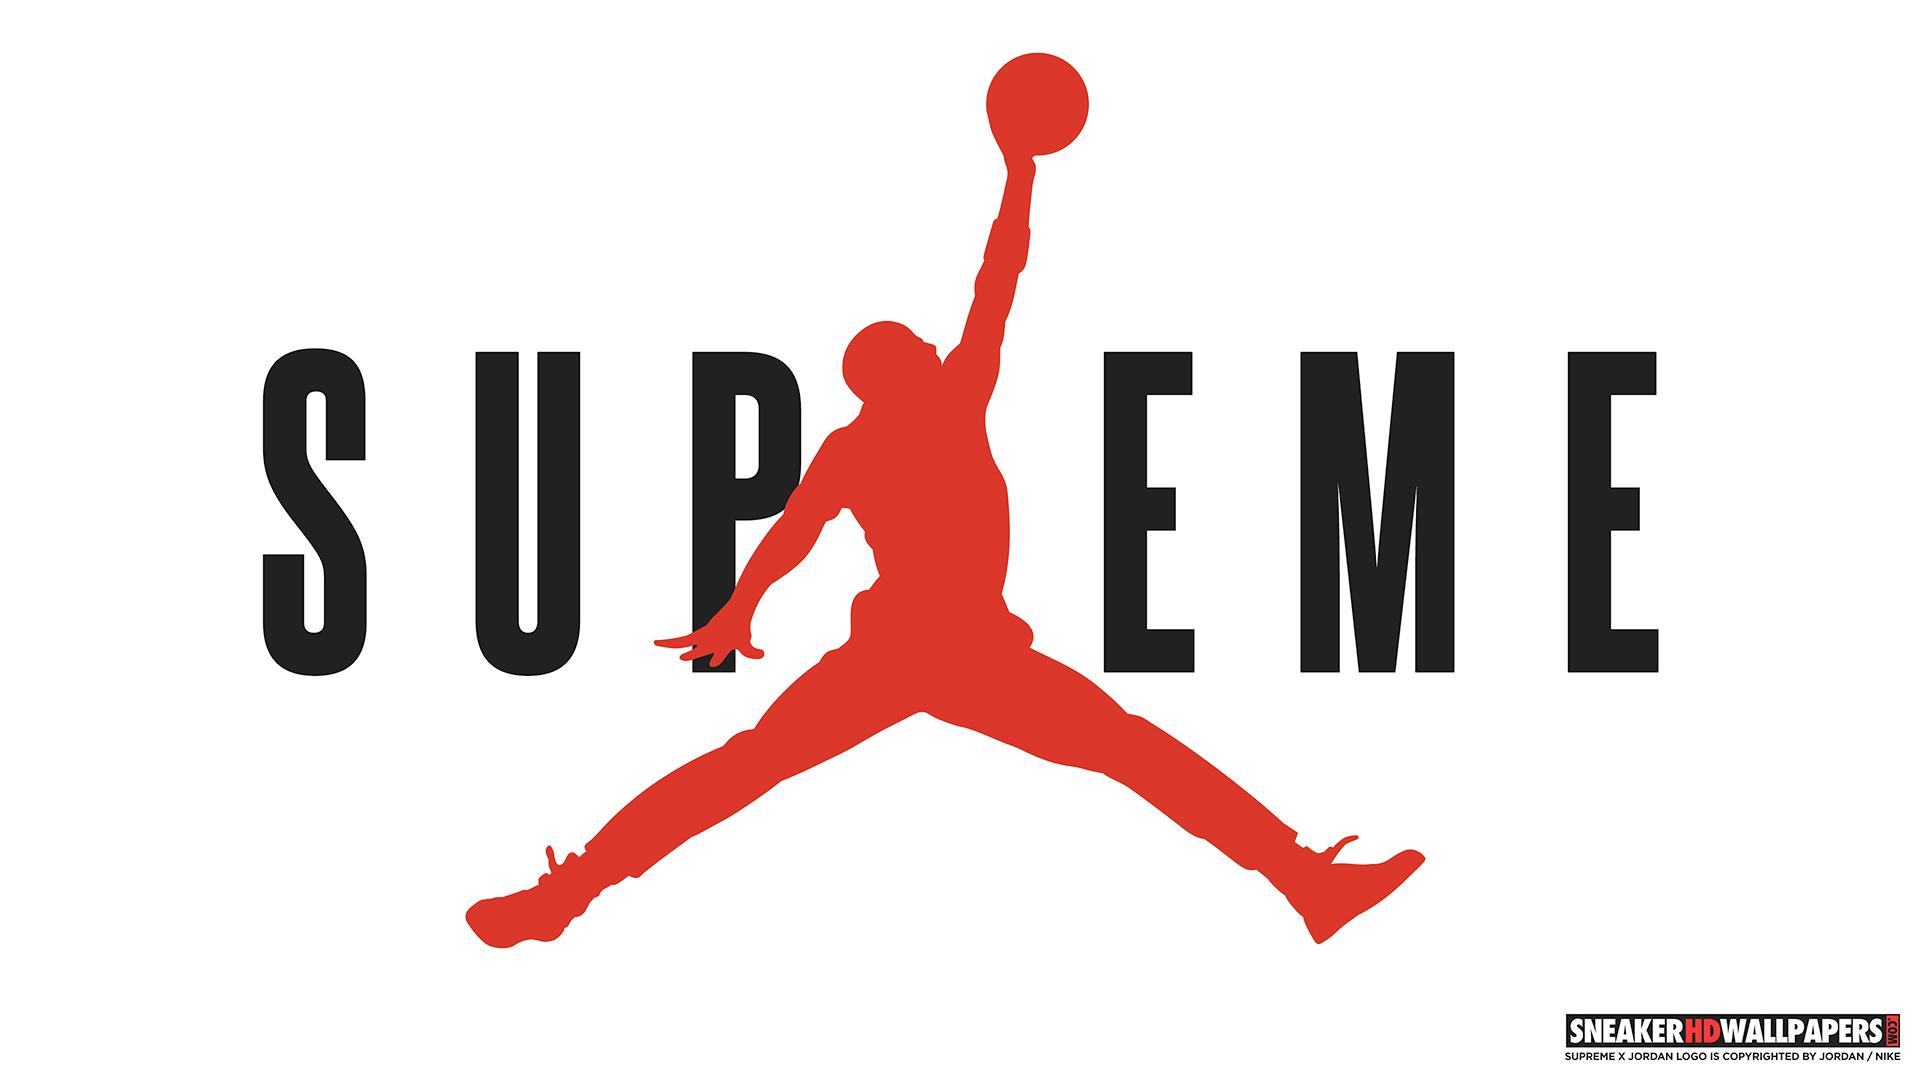 Michael Jordan Wallpaper Hd Sneakerhdwallpapers Com Your Favorite Sneakers In Hd And